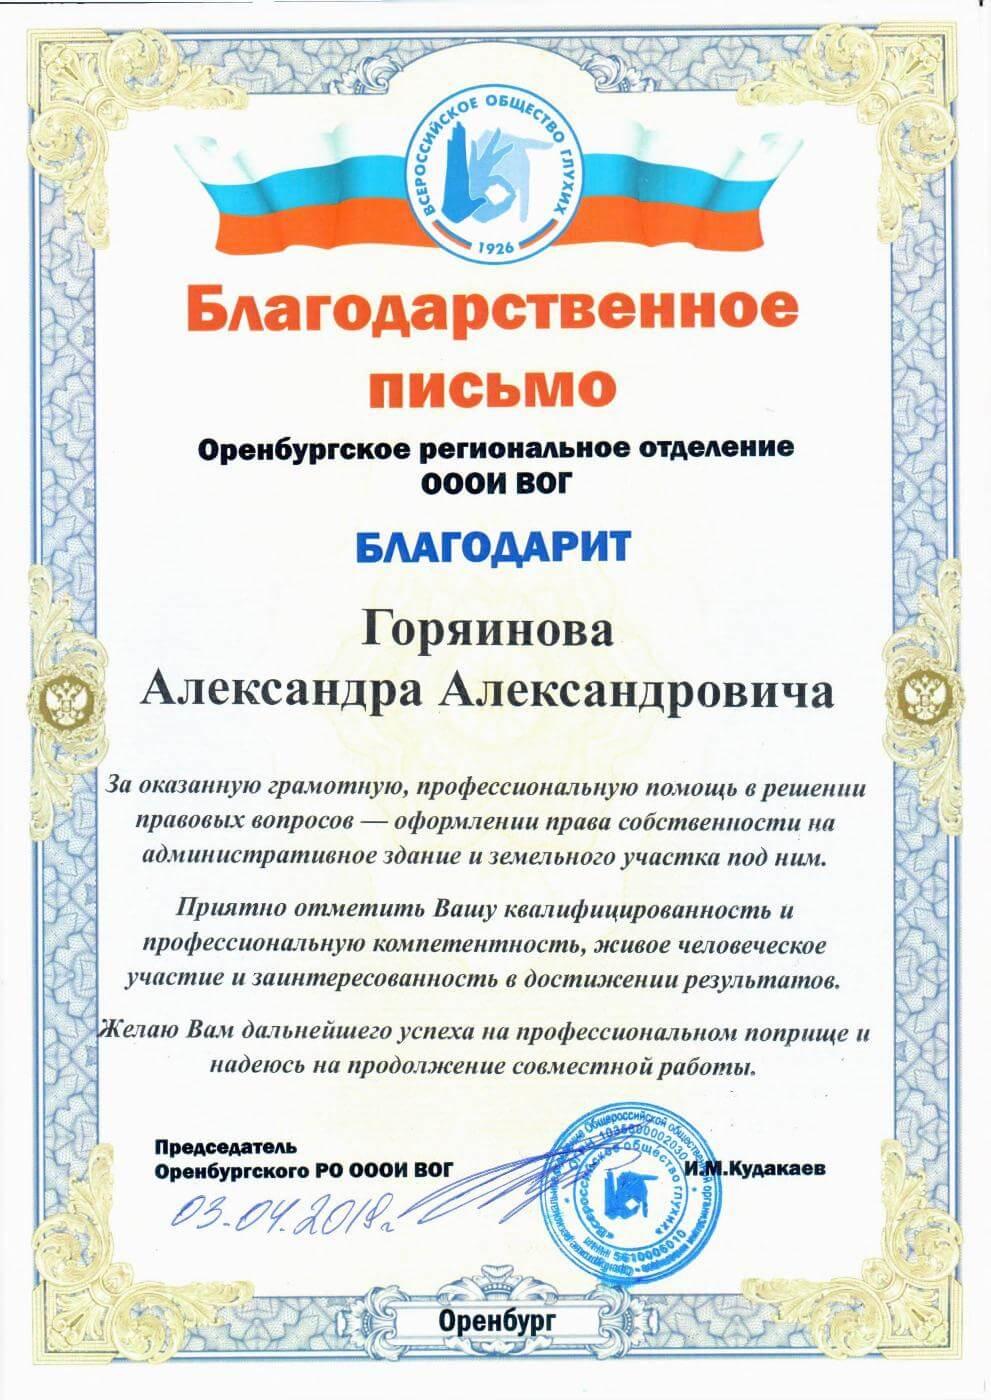 Рекомендация от ОООИ Всероссийское общество глухих